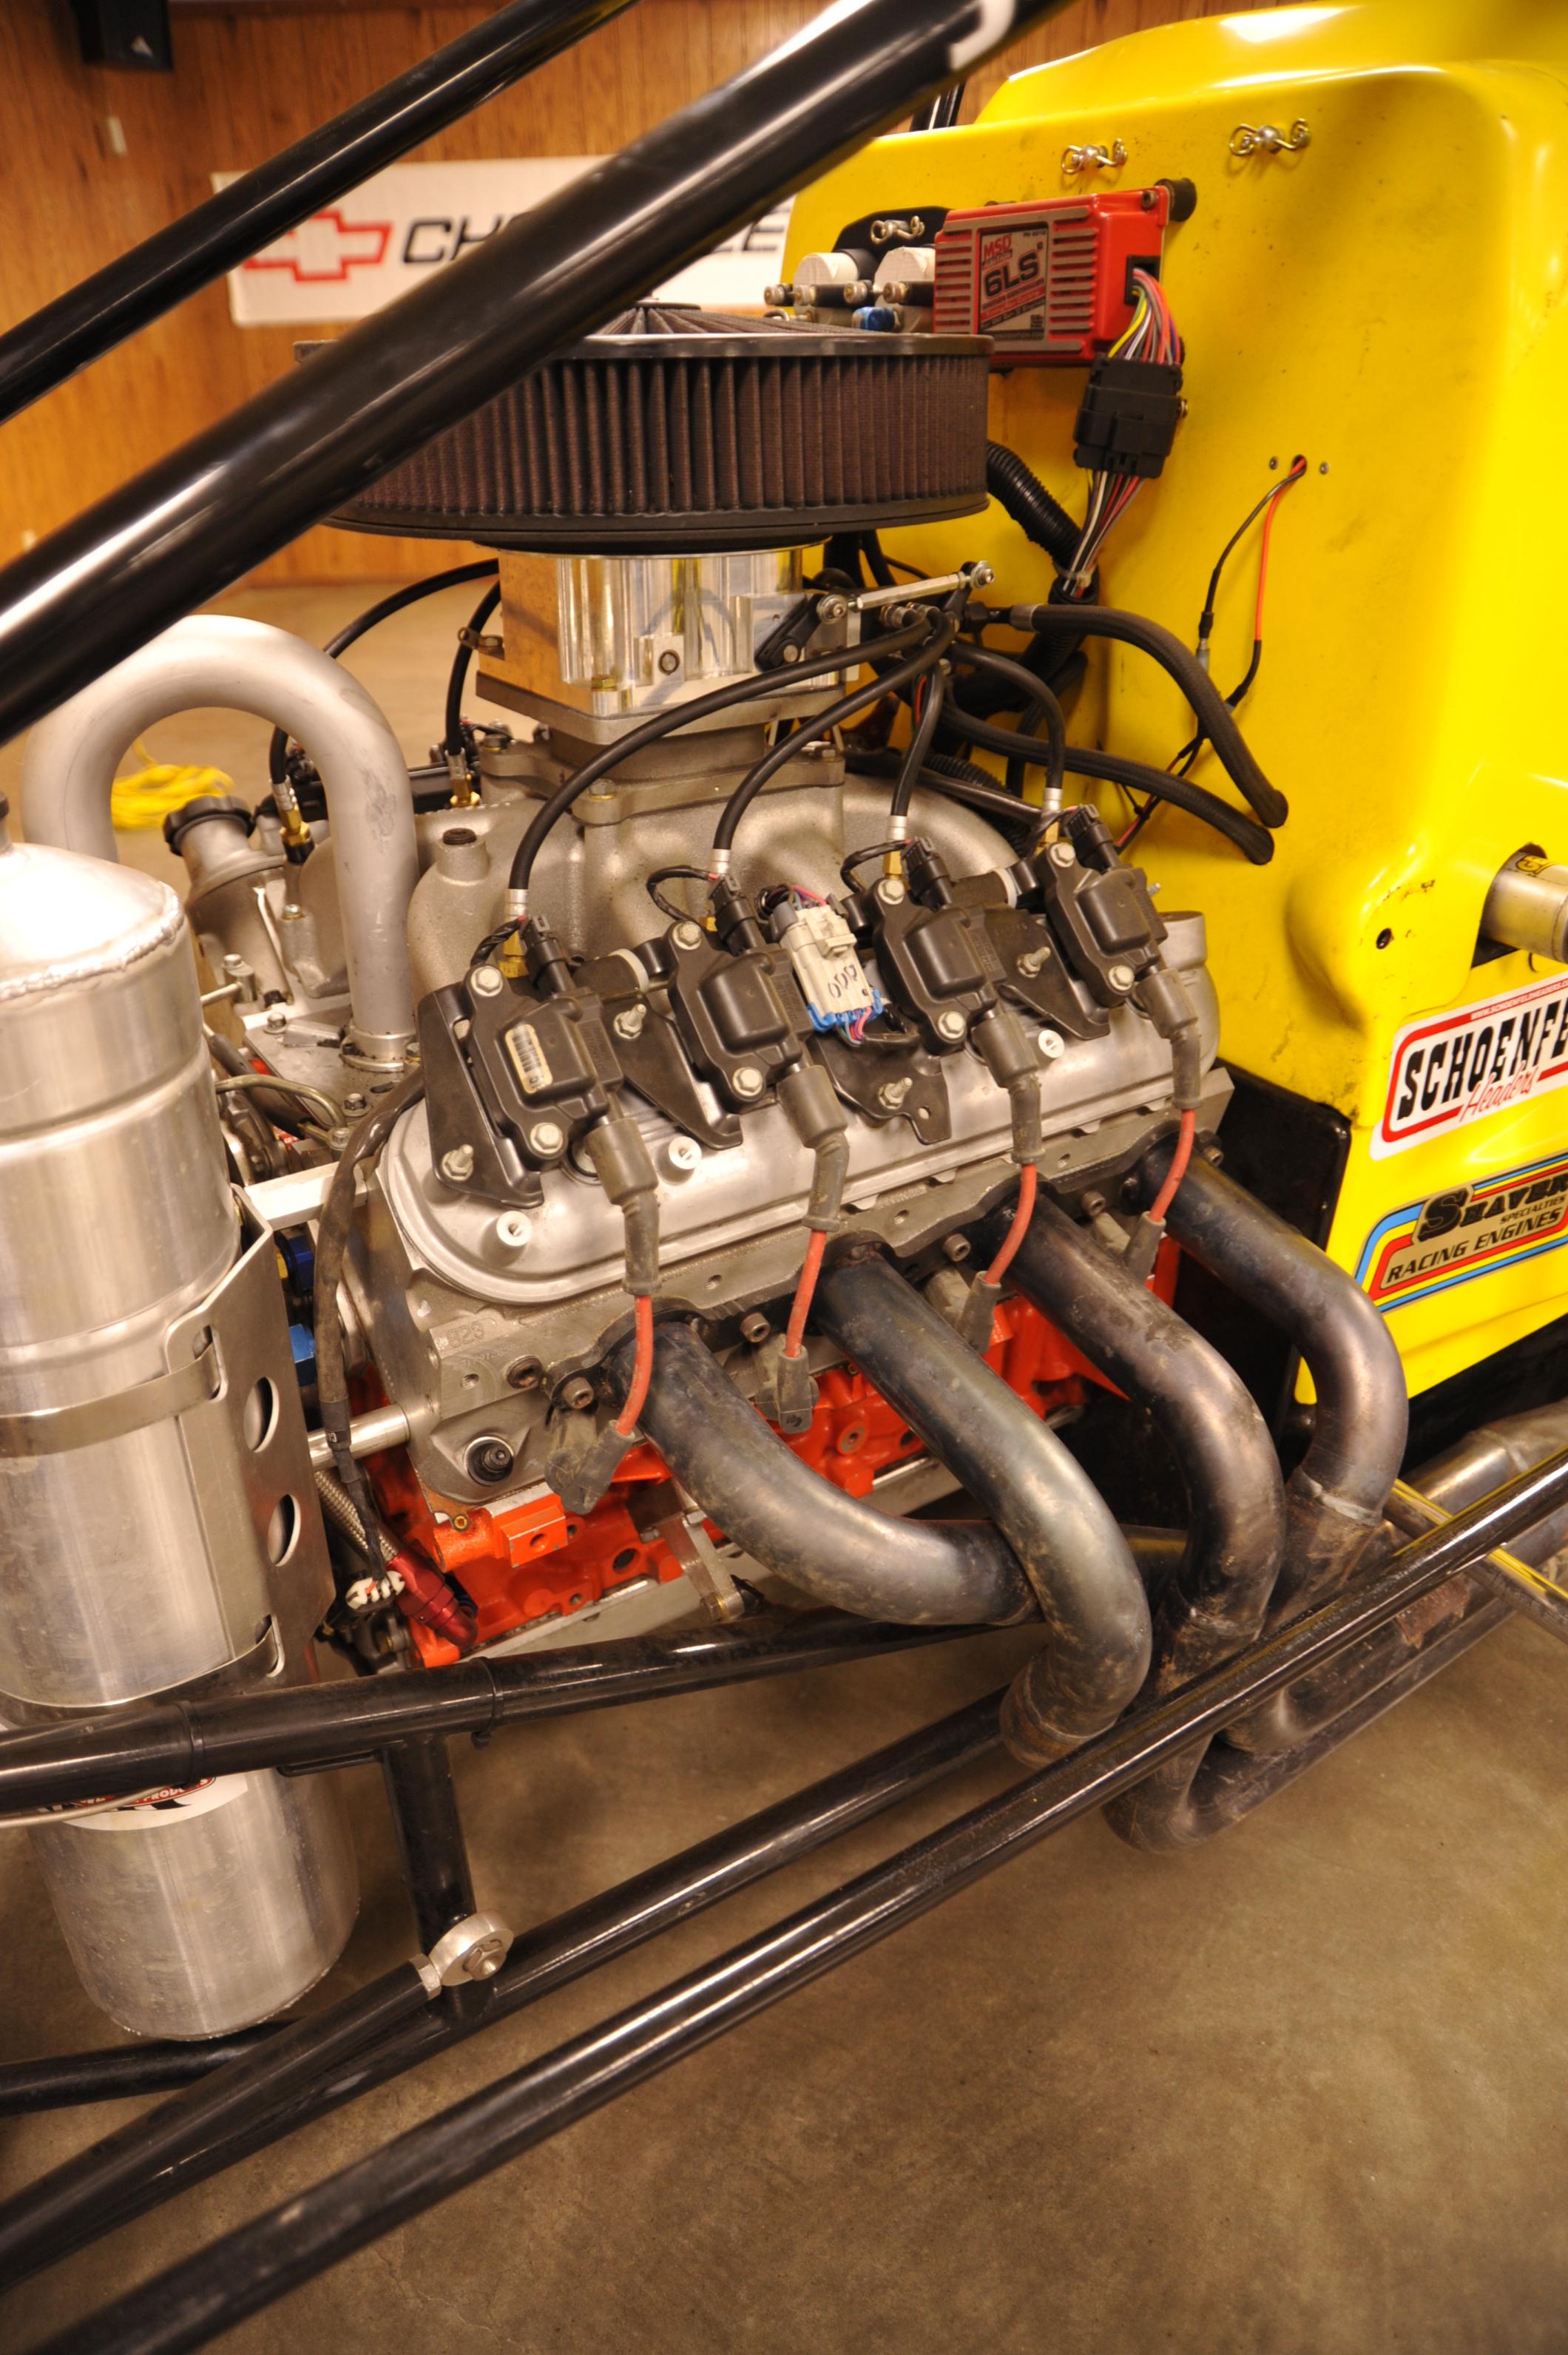 New Sprint Engine Gaining Support Speed Sport